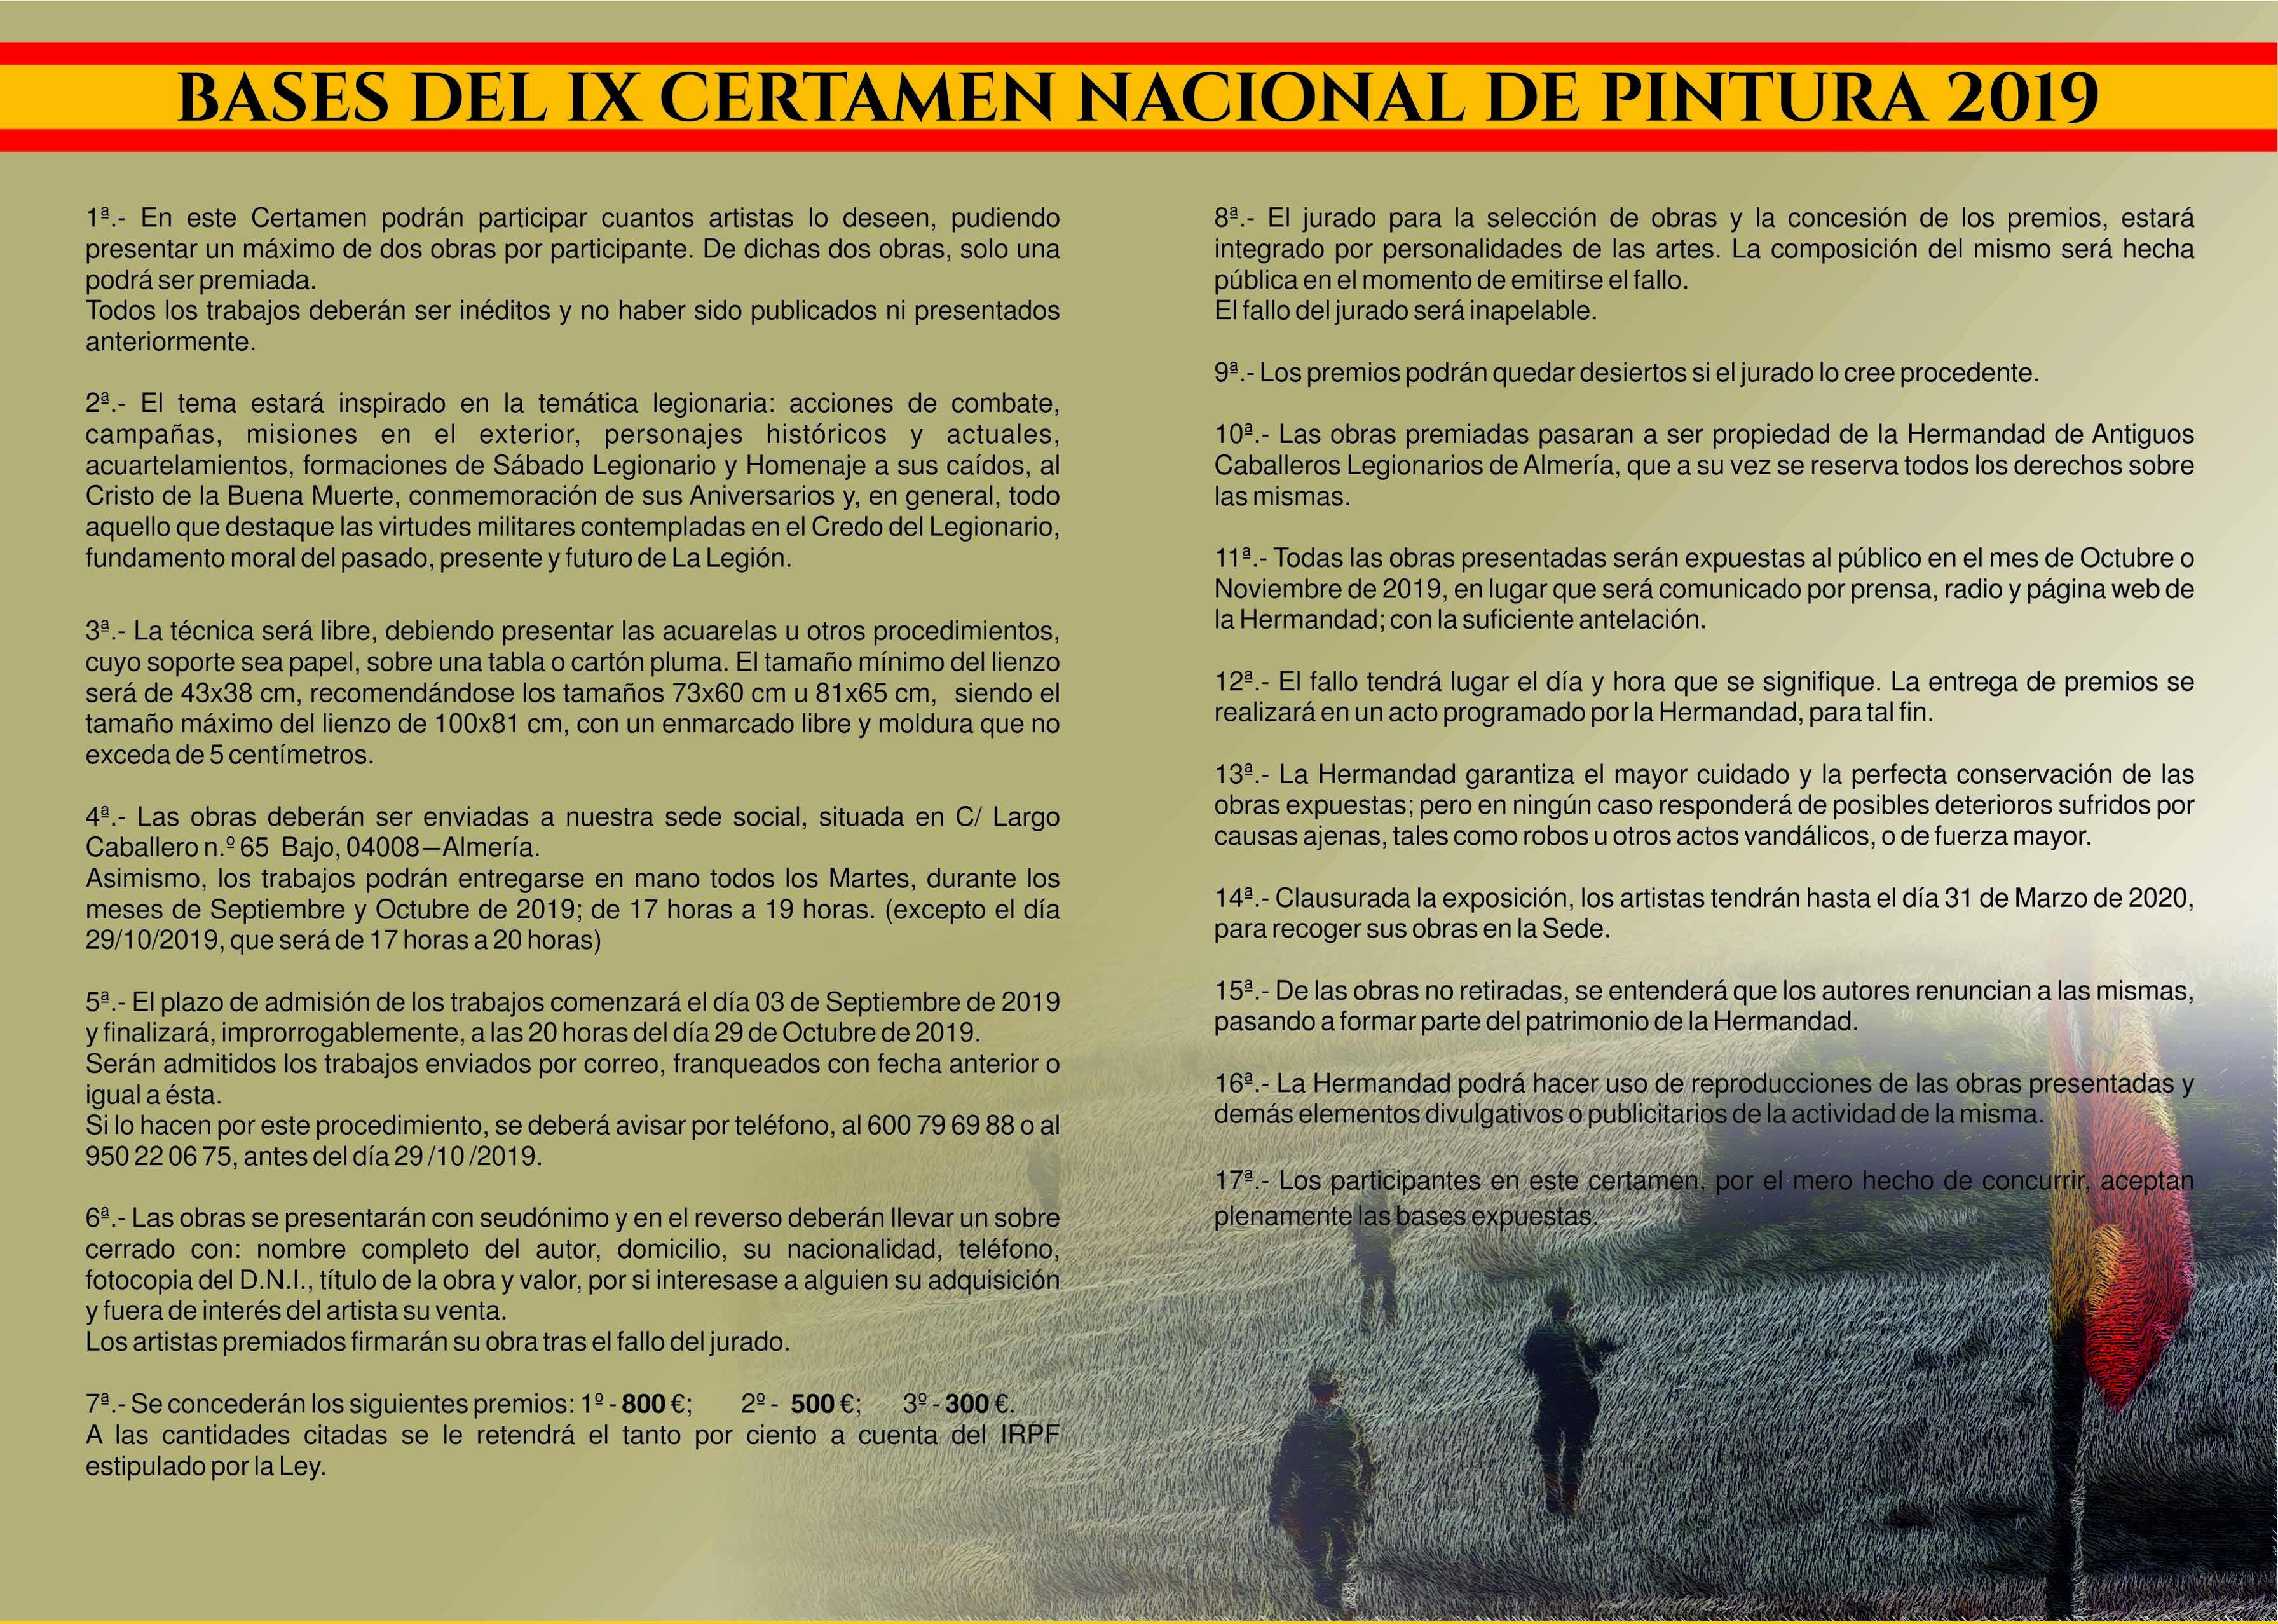 Hdad-diptico pintura 2019-int